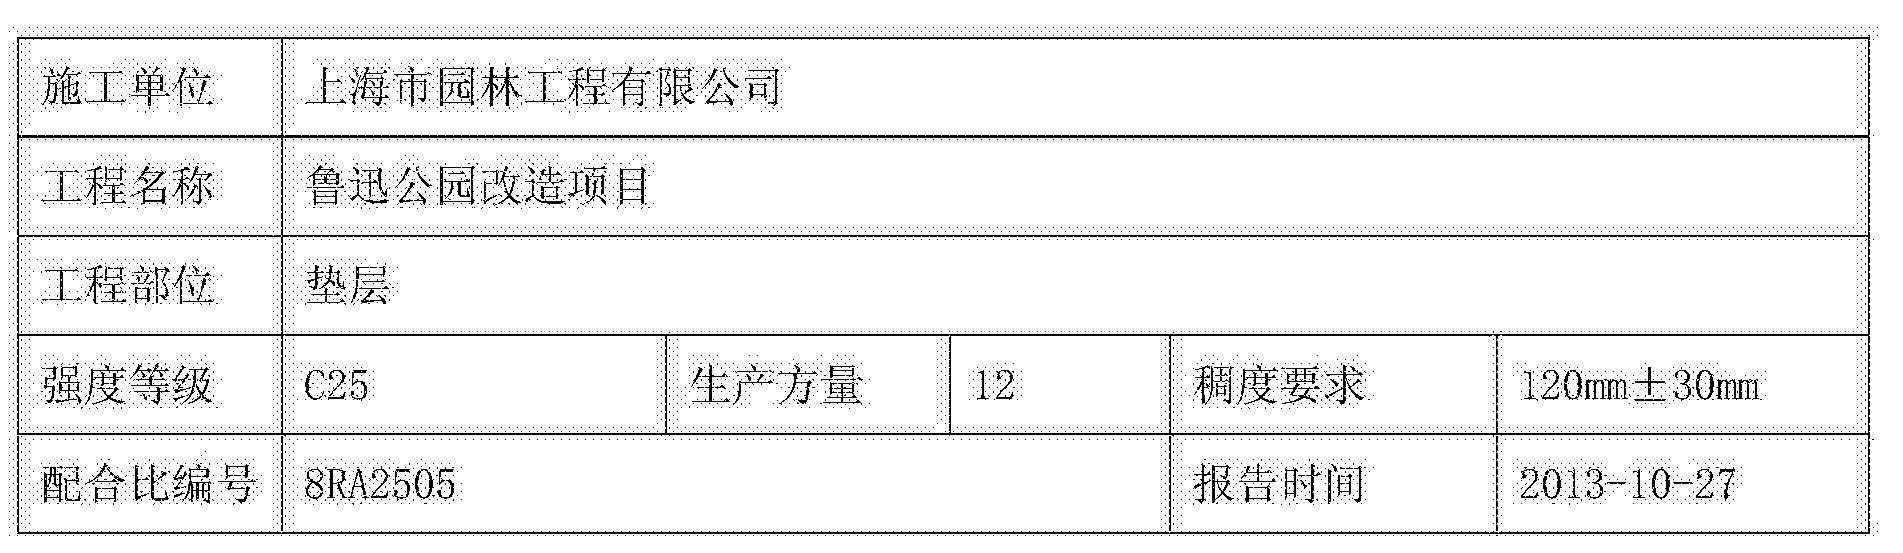 Figure CN103864357BD00062